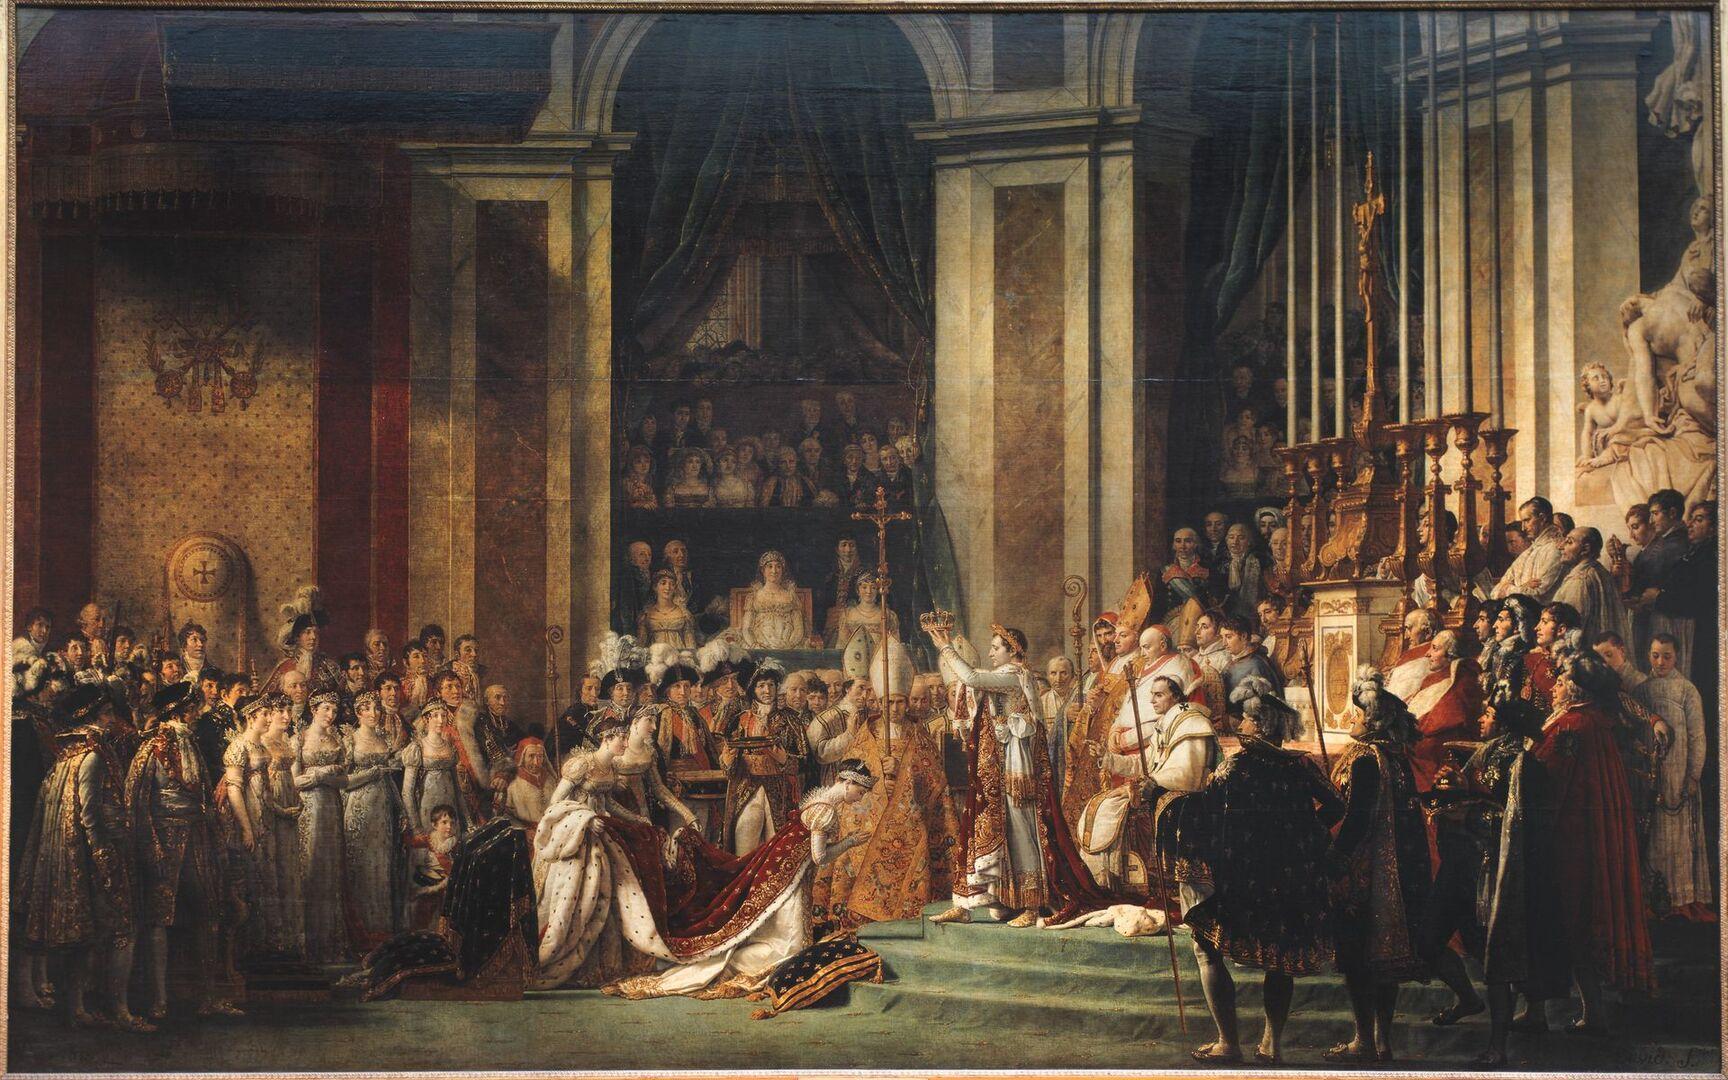 Notre Dame, museo y encarnación de la historia